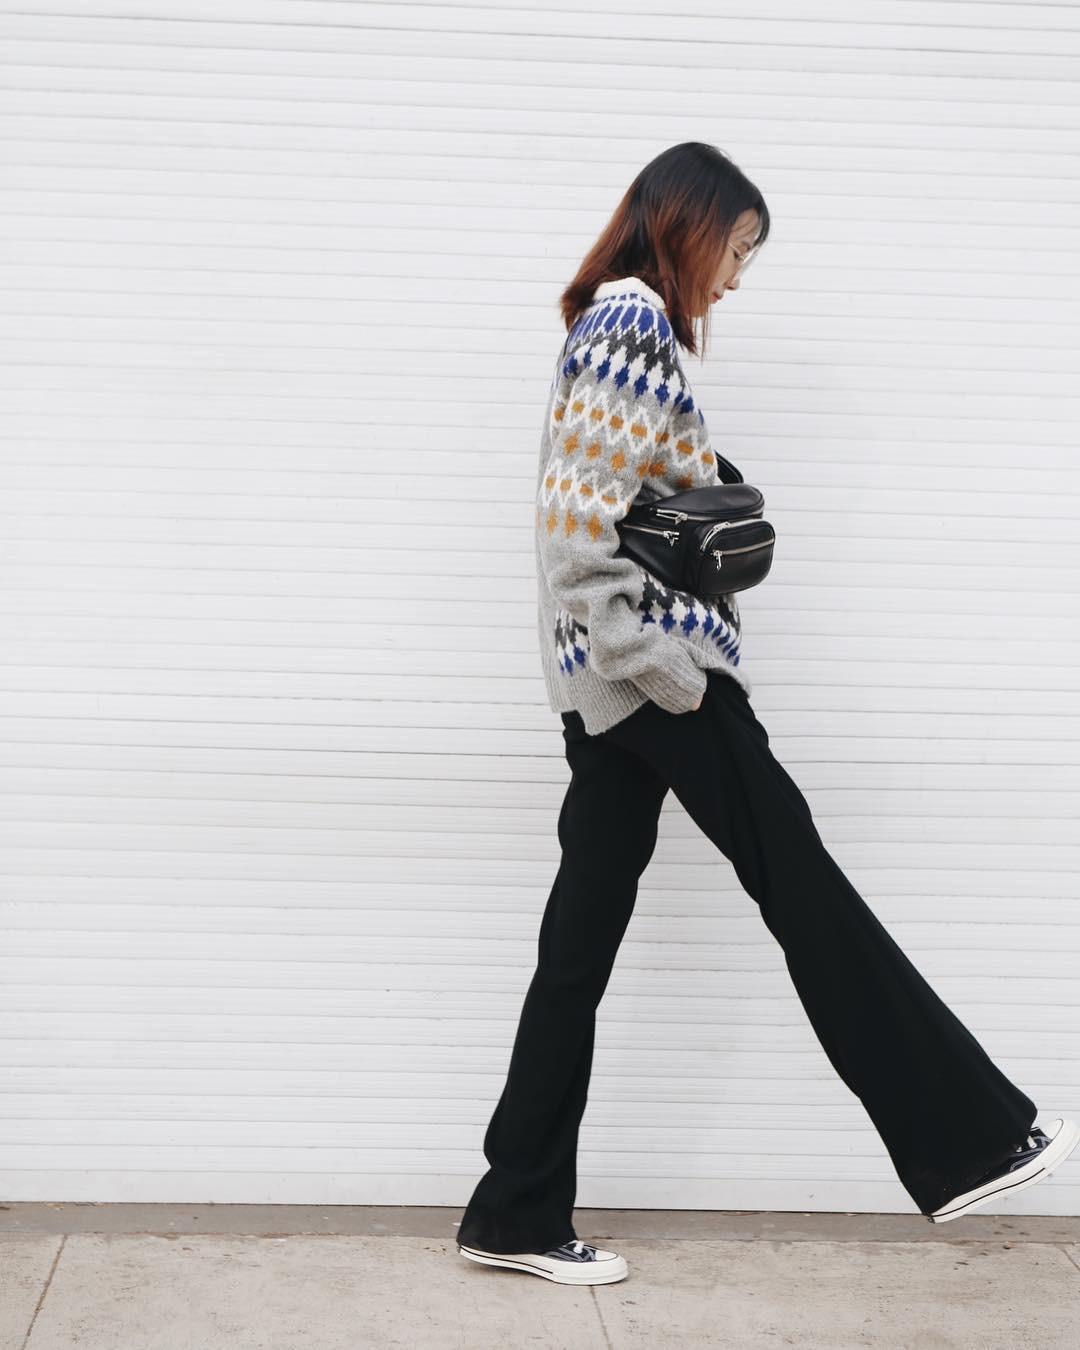 Diện mãi áo len trơn cũng chán, đổi sang áo len họa tiết mặc vừa đẹp lại chẳng lo lỗi mốt-7